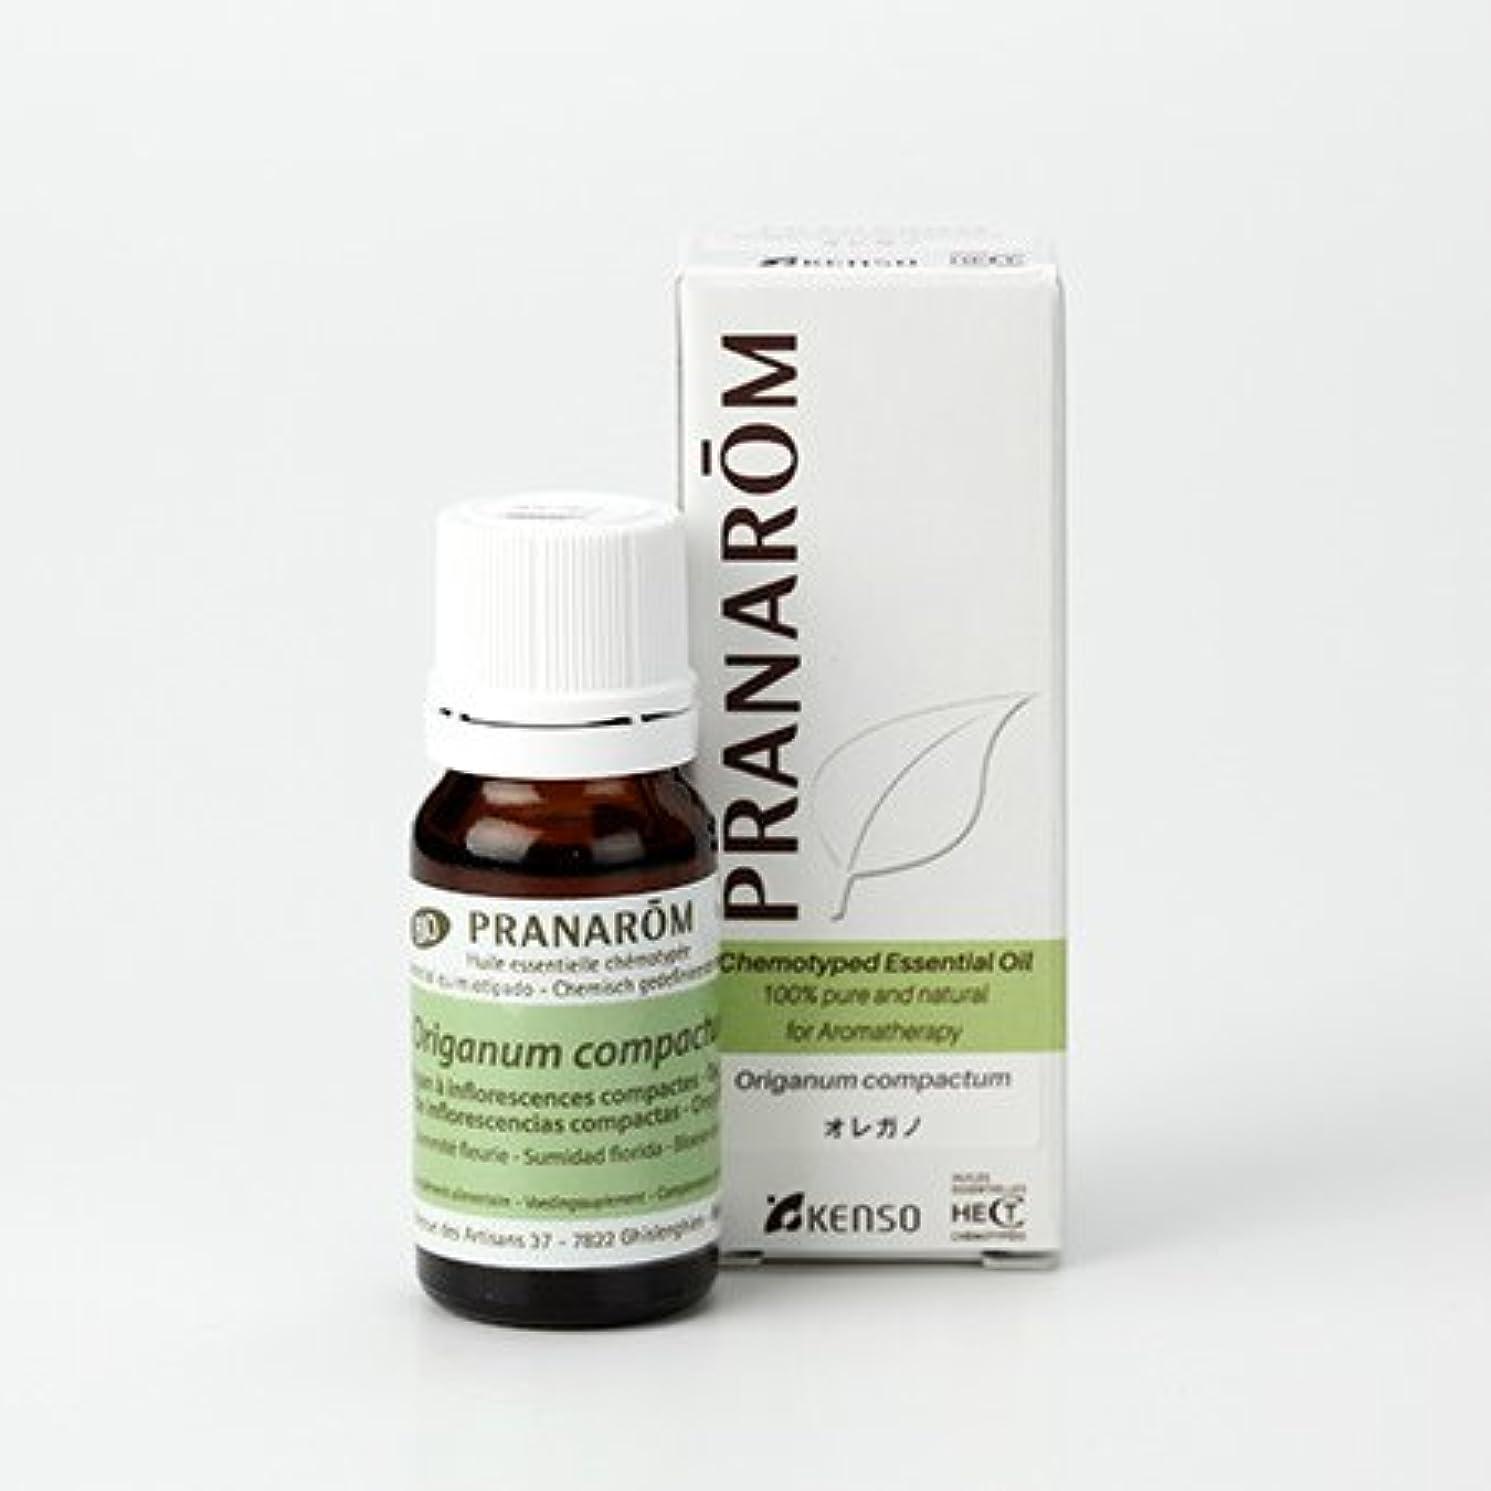 首尾一貫した癌平等プラナロム オレガノ 10ml (PRANAROM ケモタイプ精油)